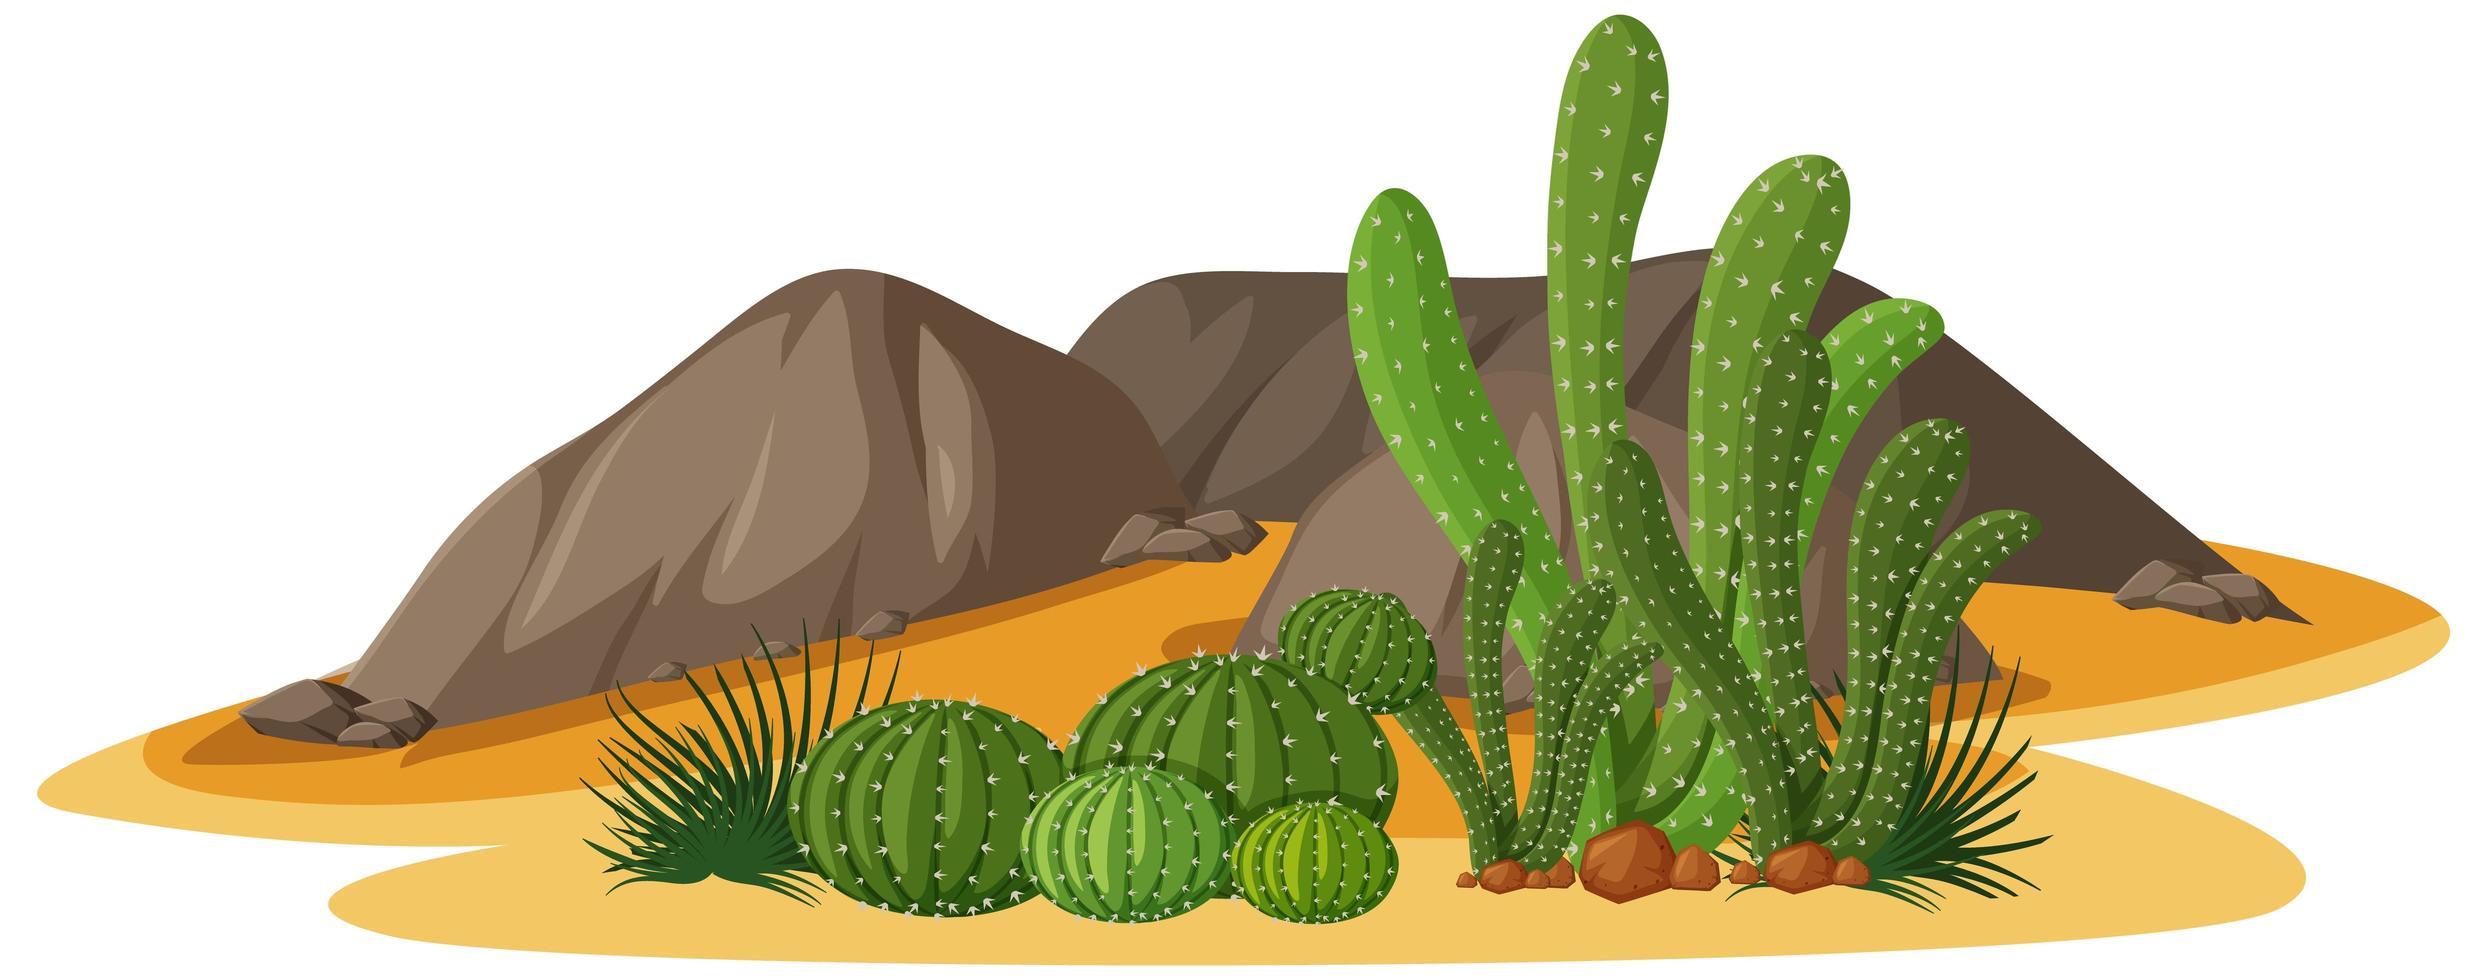 olika former av kaktus i en grupp med stenar element på vit bakgrund vektor